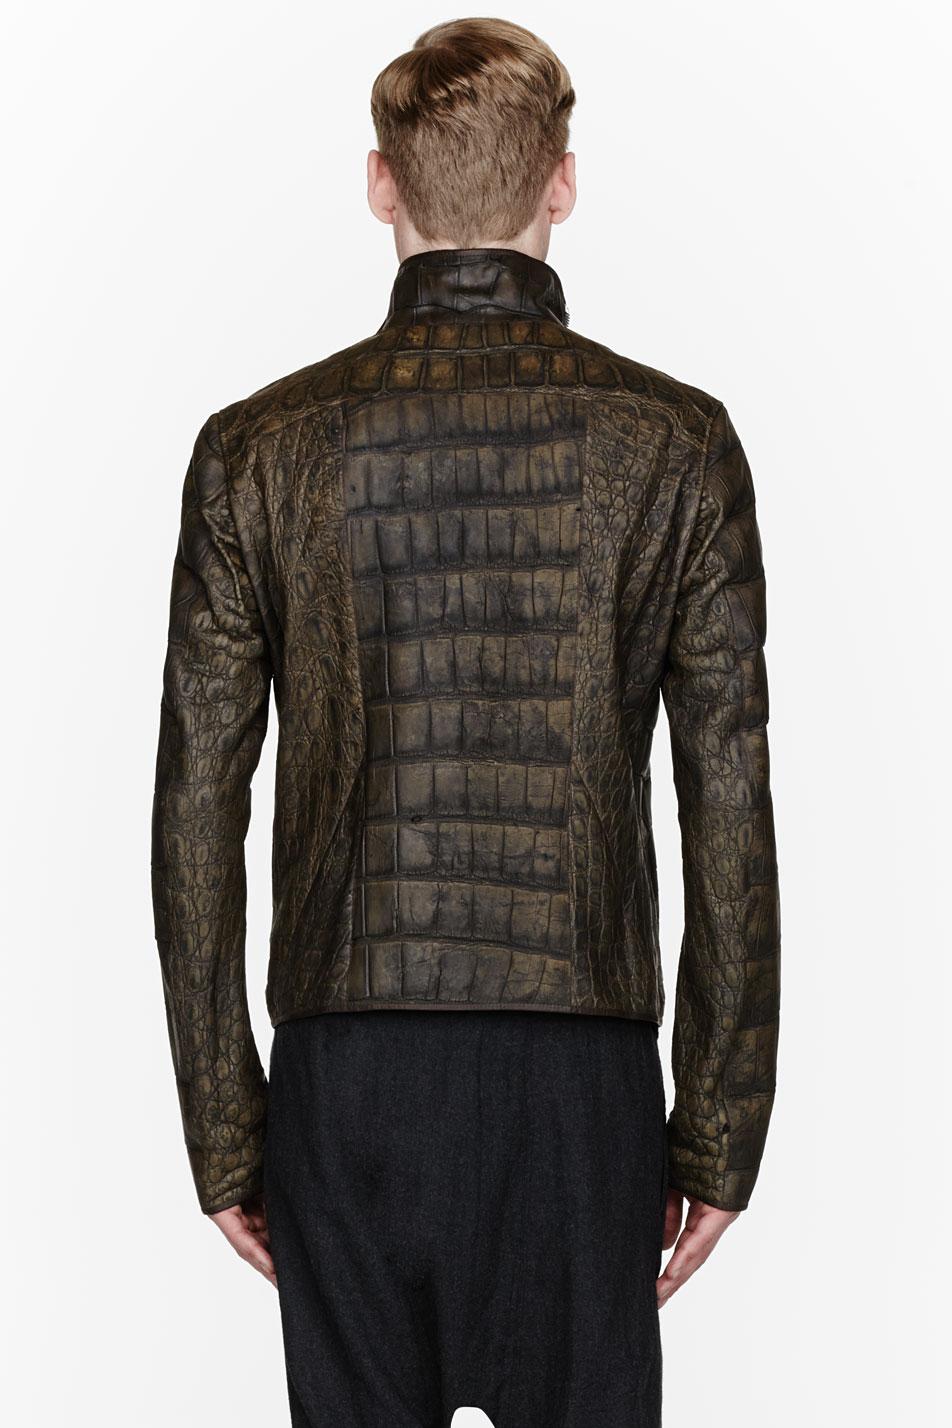 Rick Owens $50,000 leather jacket alligator menswear lookbook 2